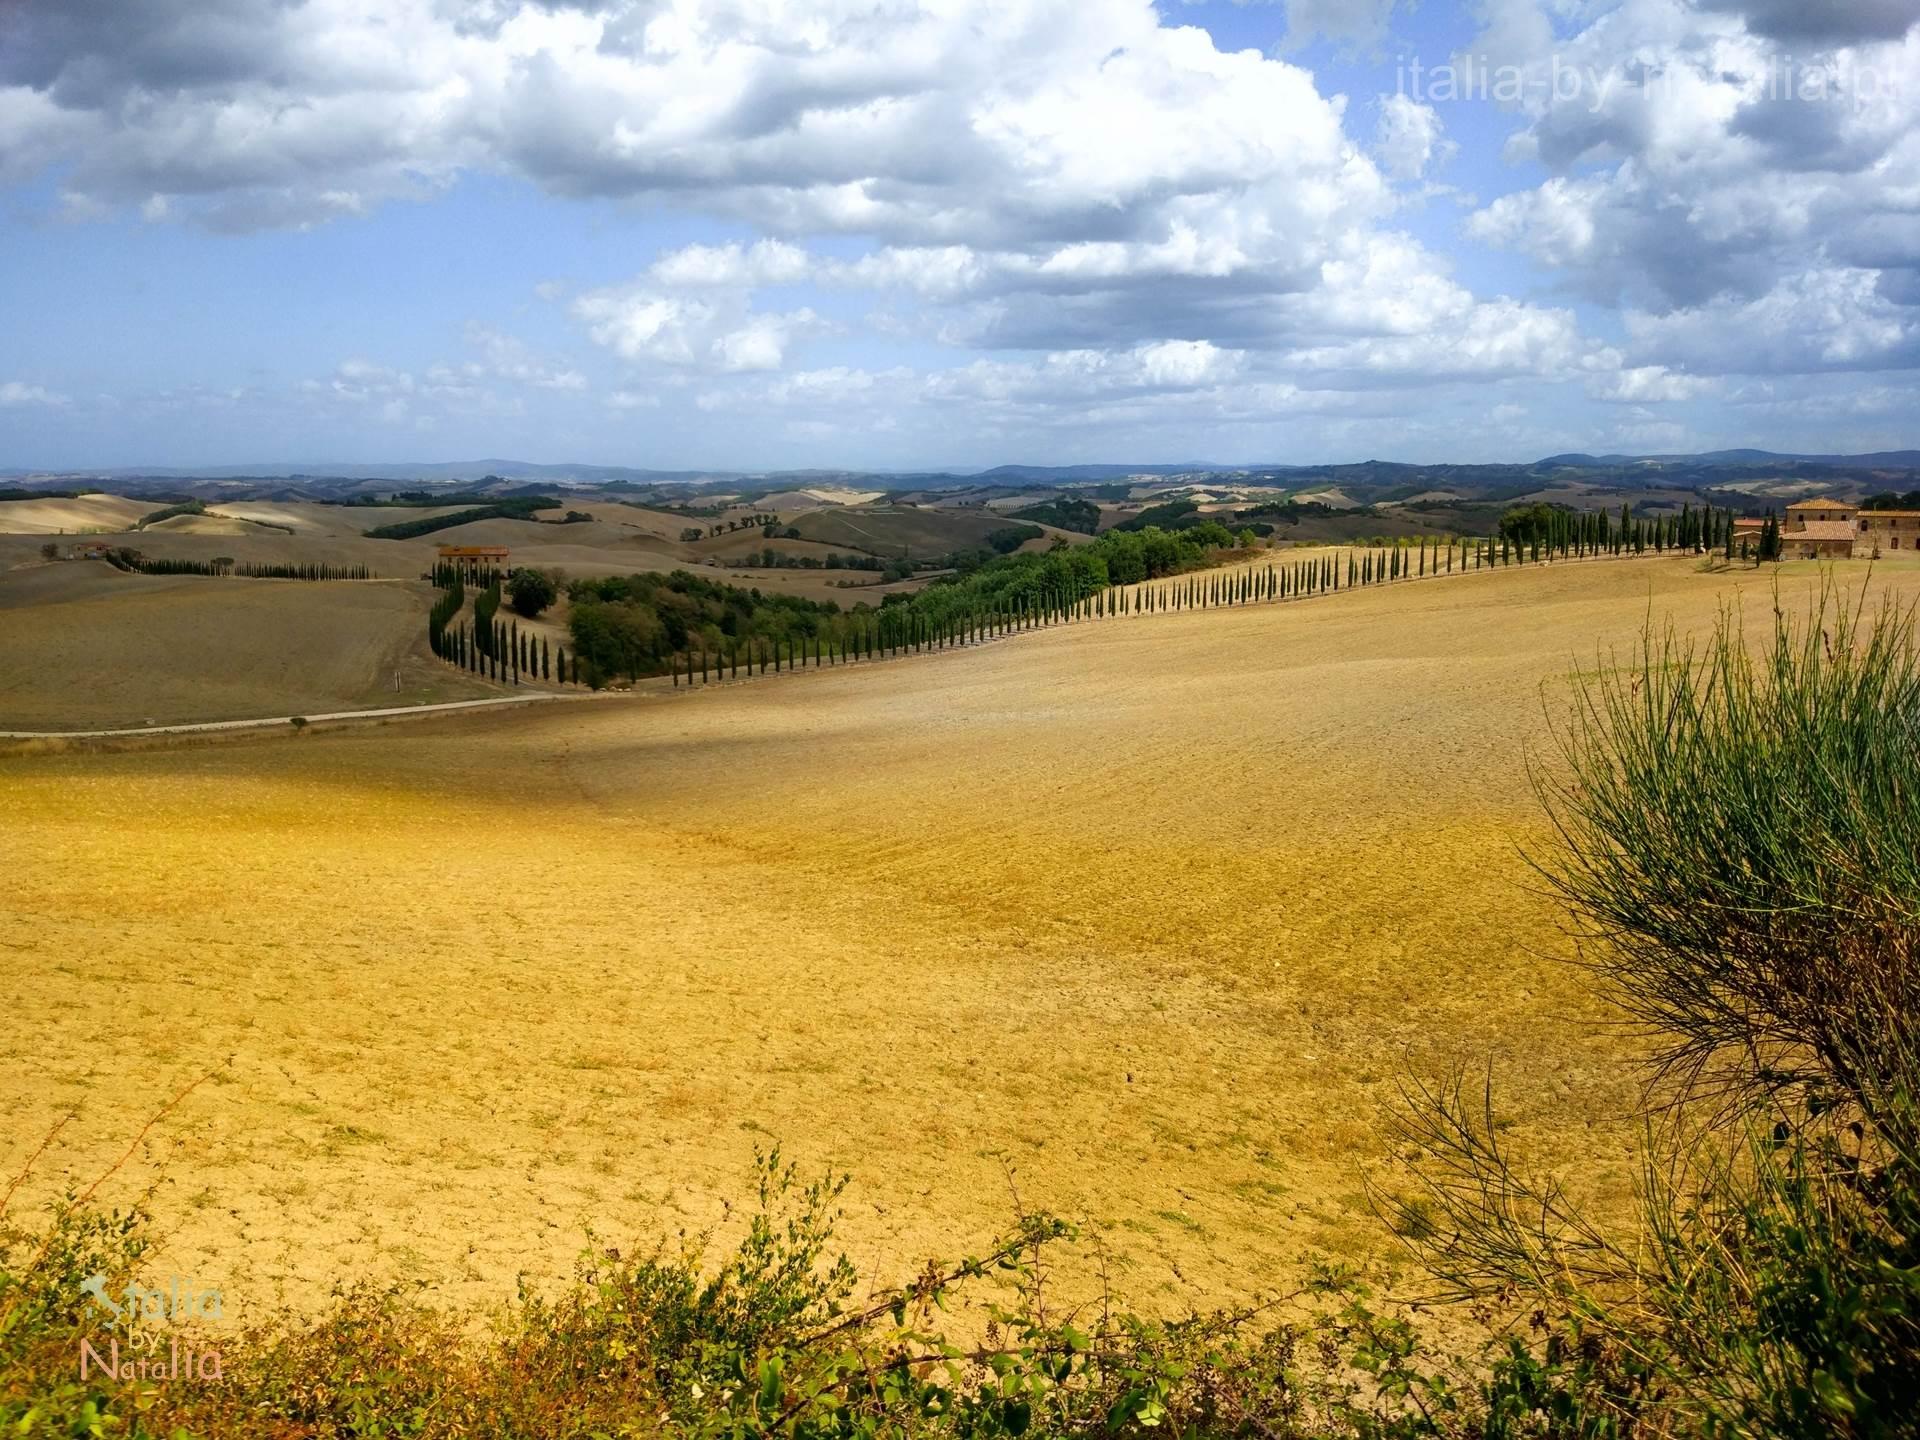 cyprysowa droga Toskania Buonconvento Punkty widokowe w Toskanii